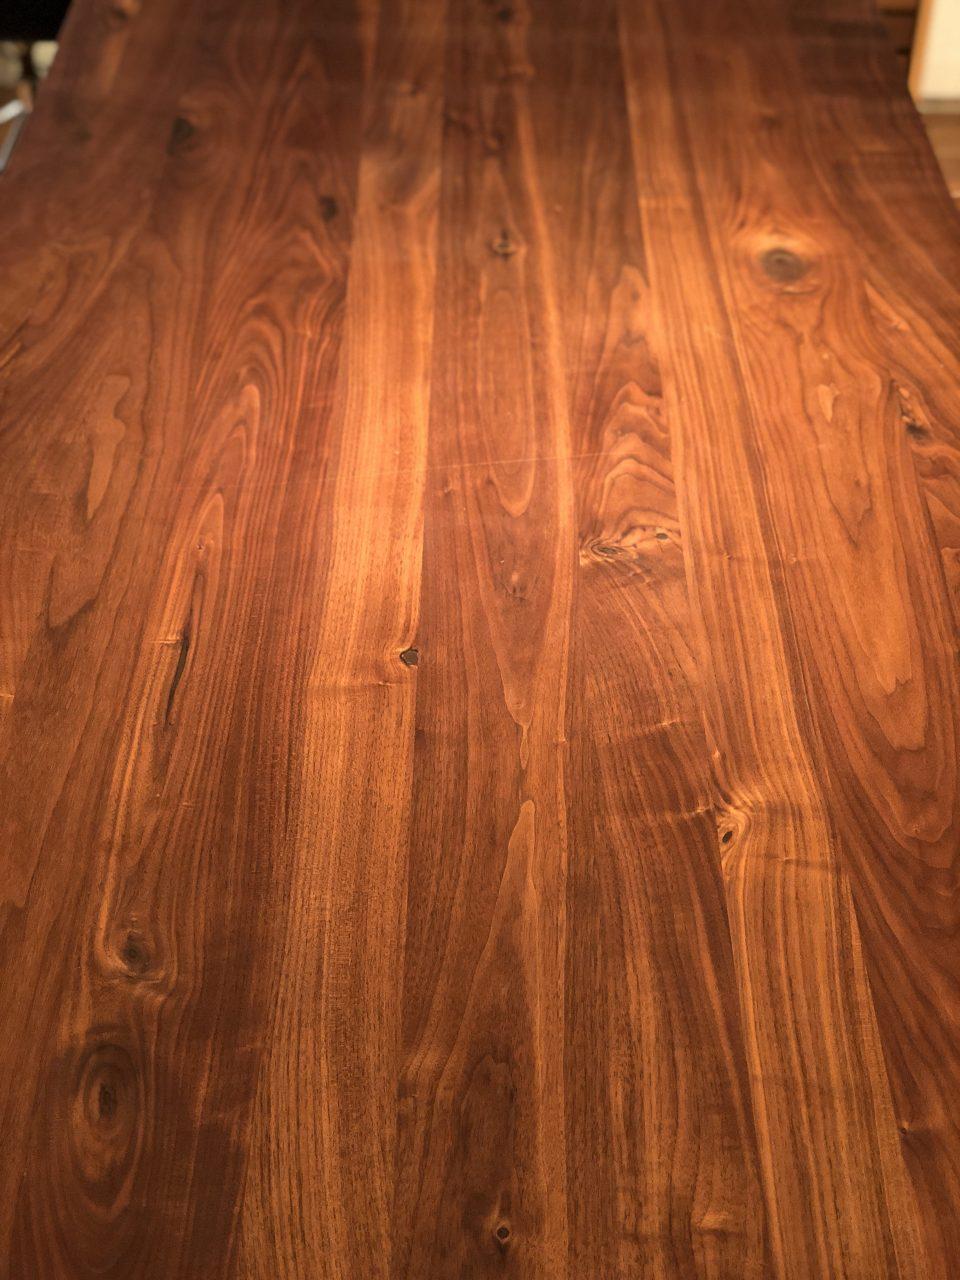 節が多めのウォールナット材のダイニングテーブルです